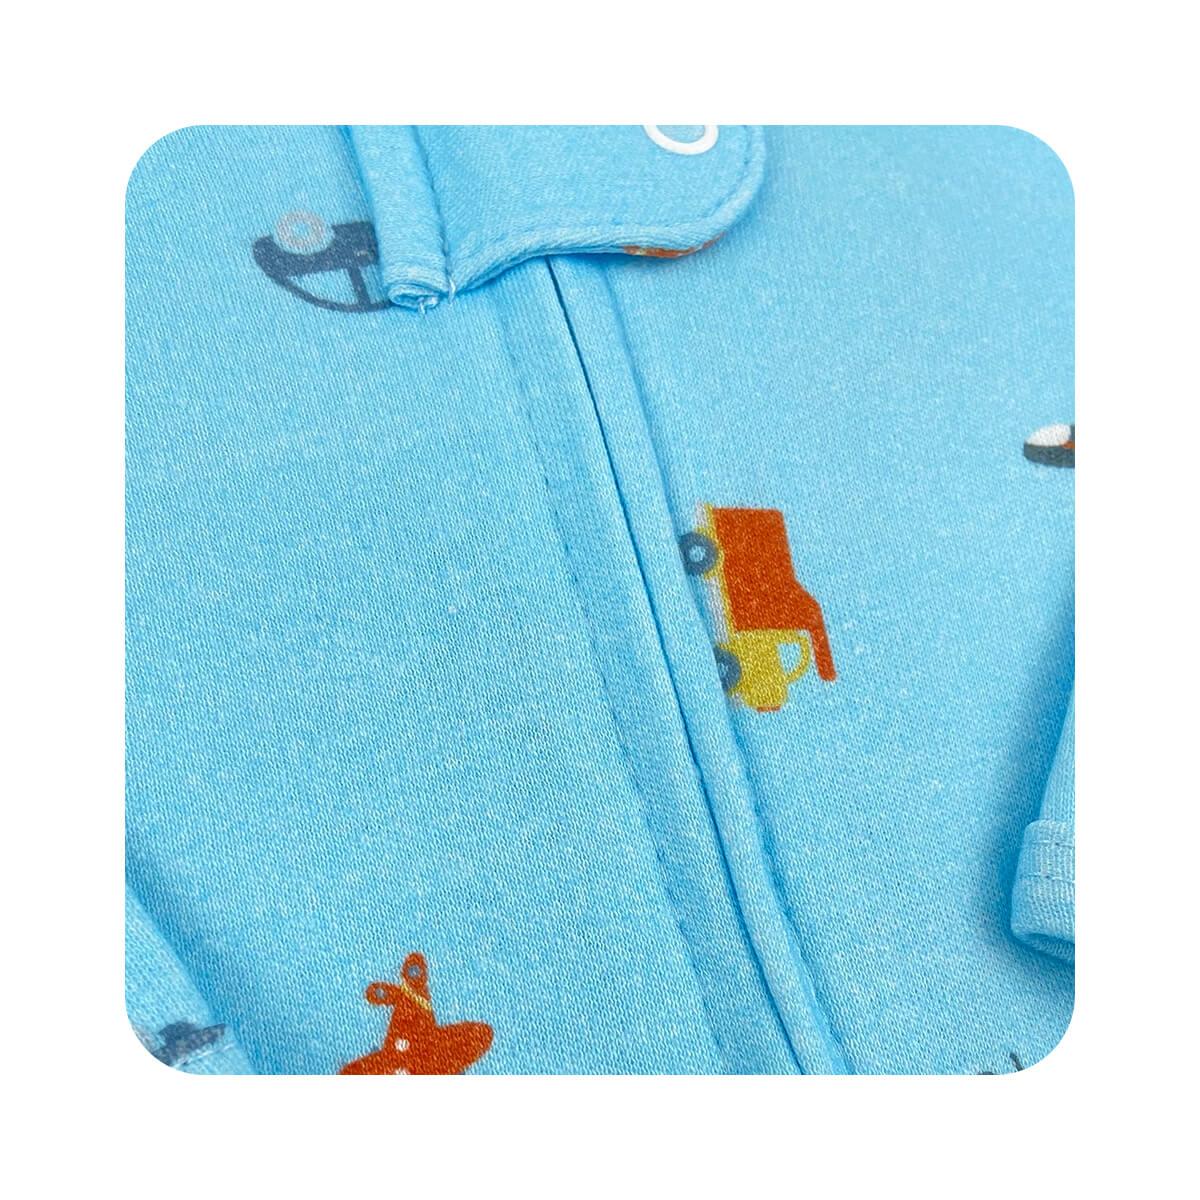 Macacão Bebê Zíper Transportes - - Tamanhos RN e P com pezinho; M, G e XG sem pezinho  - Piu Blu